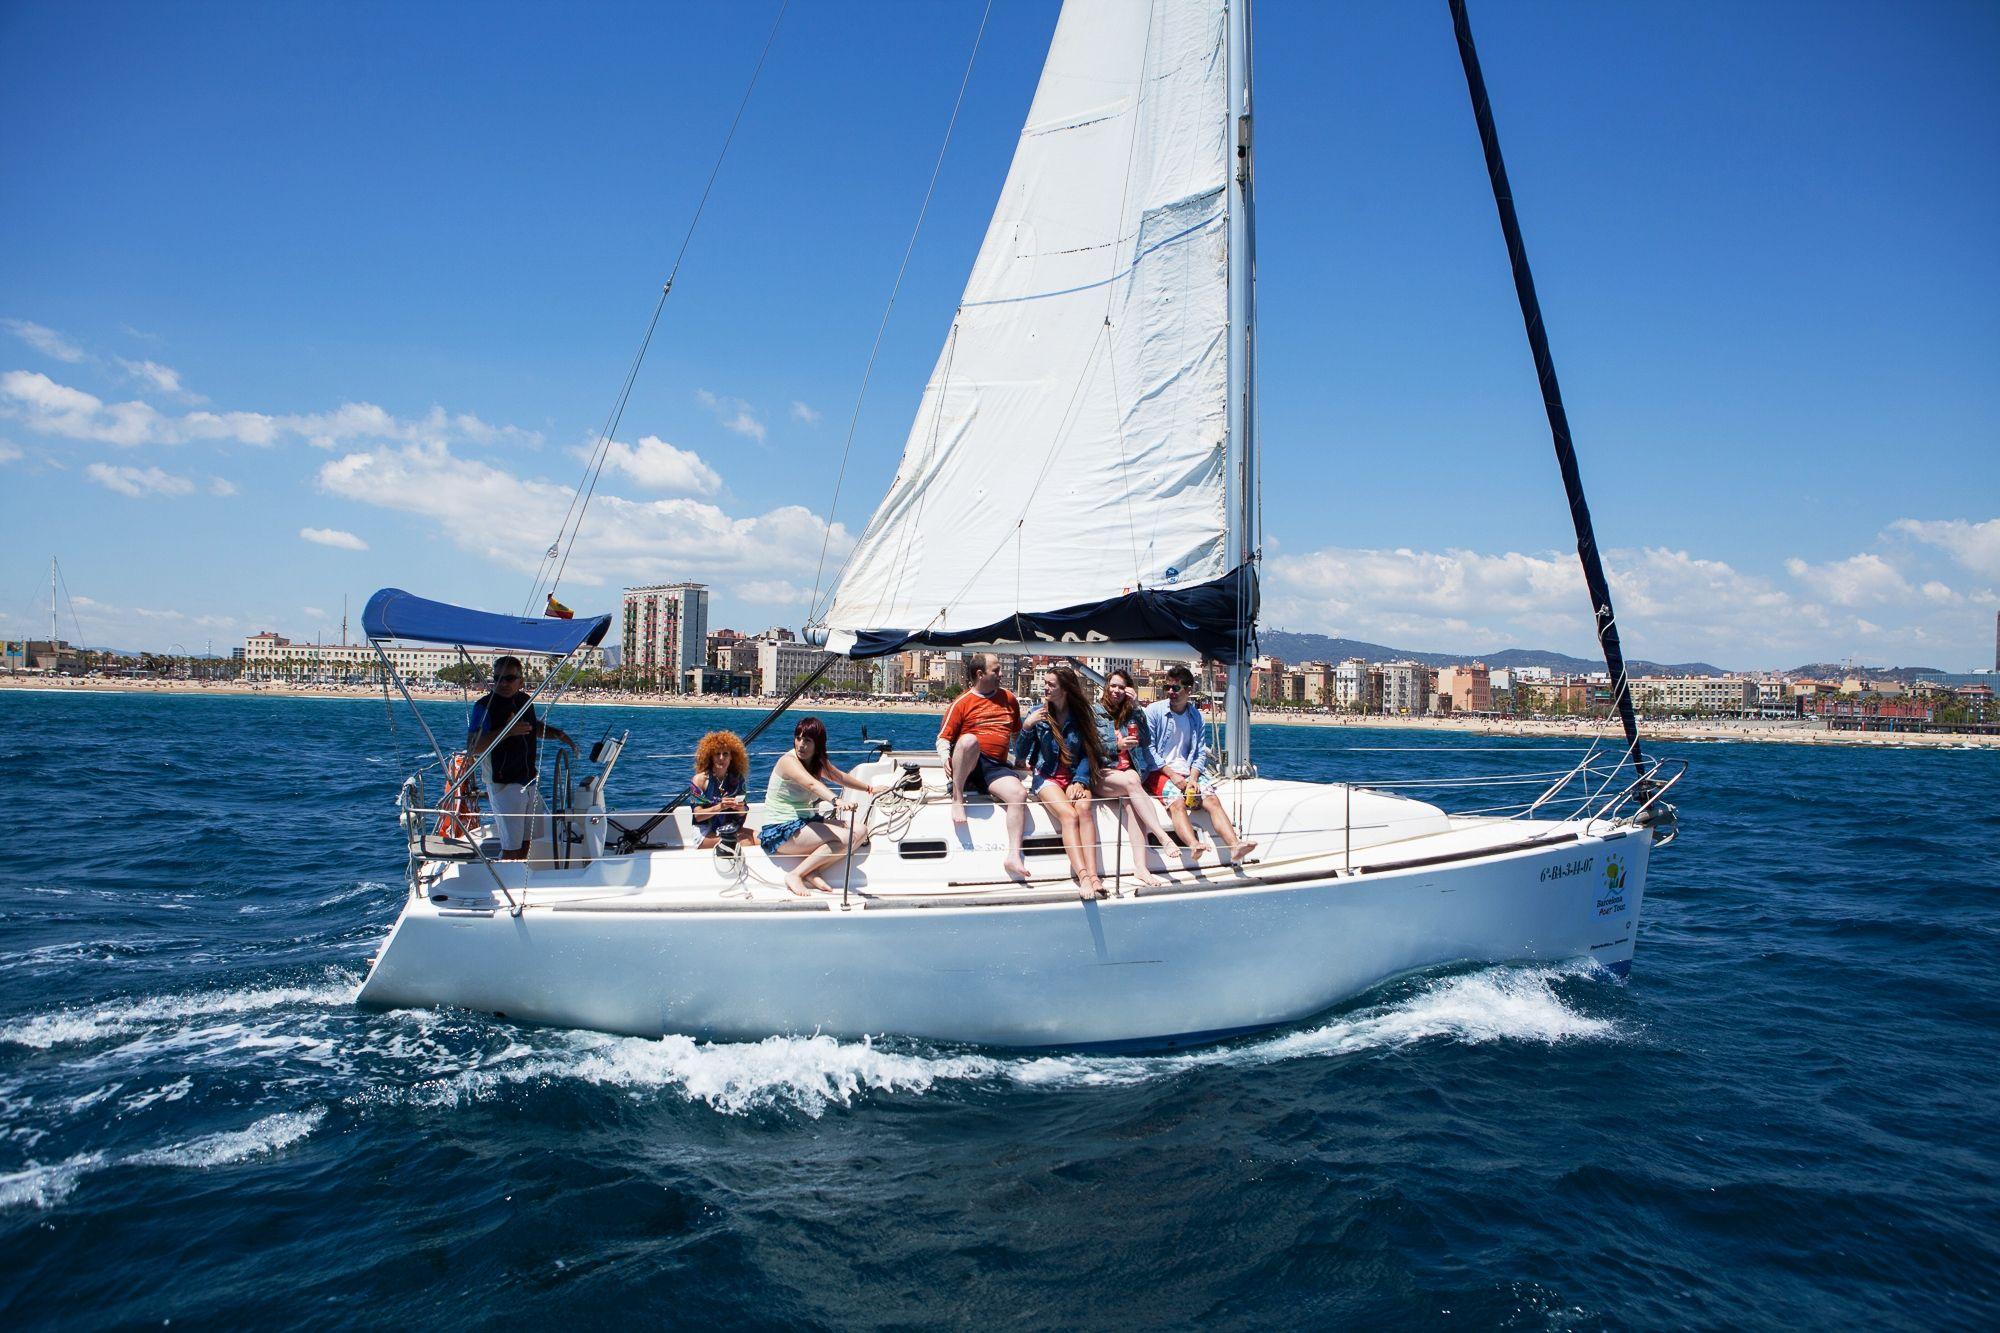 Club de Navegación en Barcelona, de la mano de Náutica Port